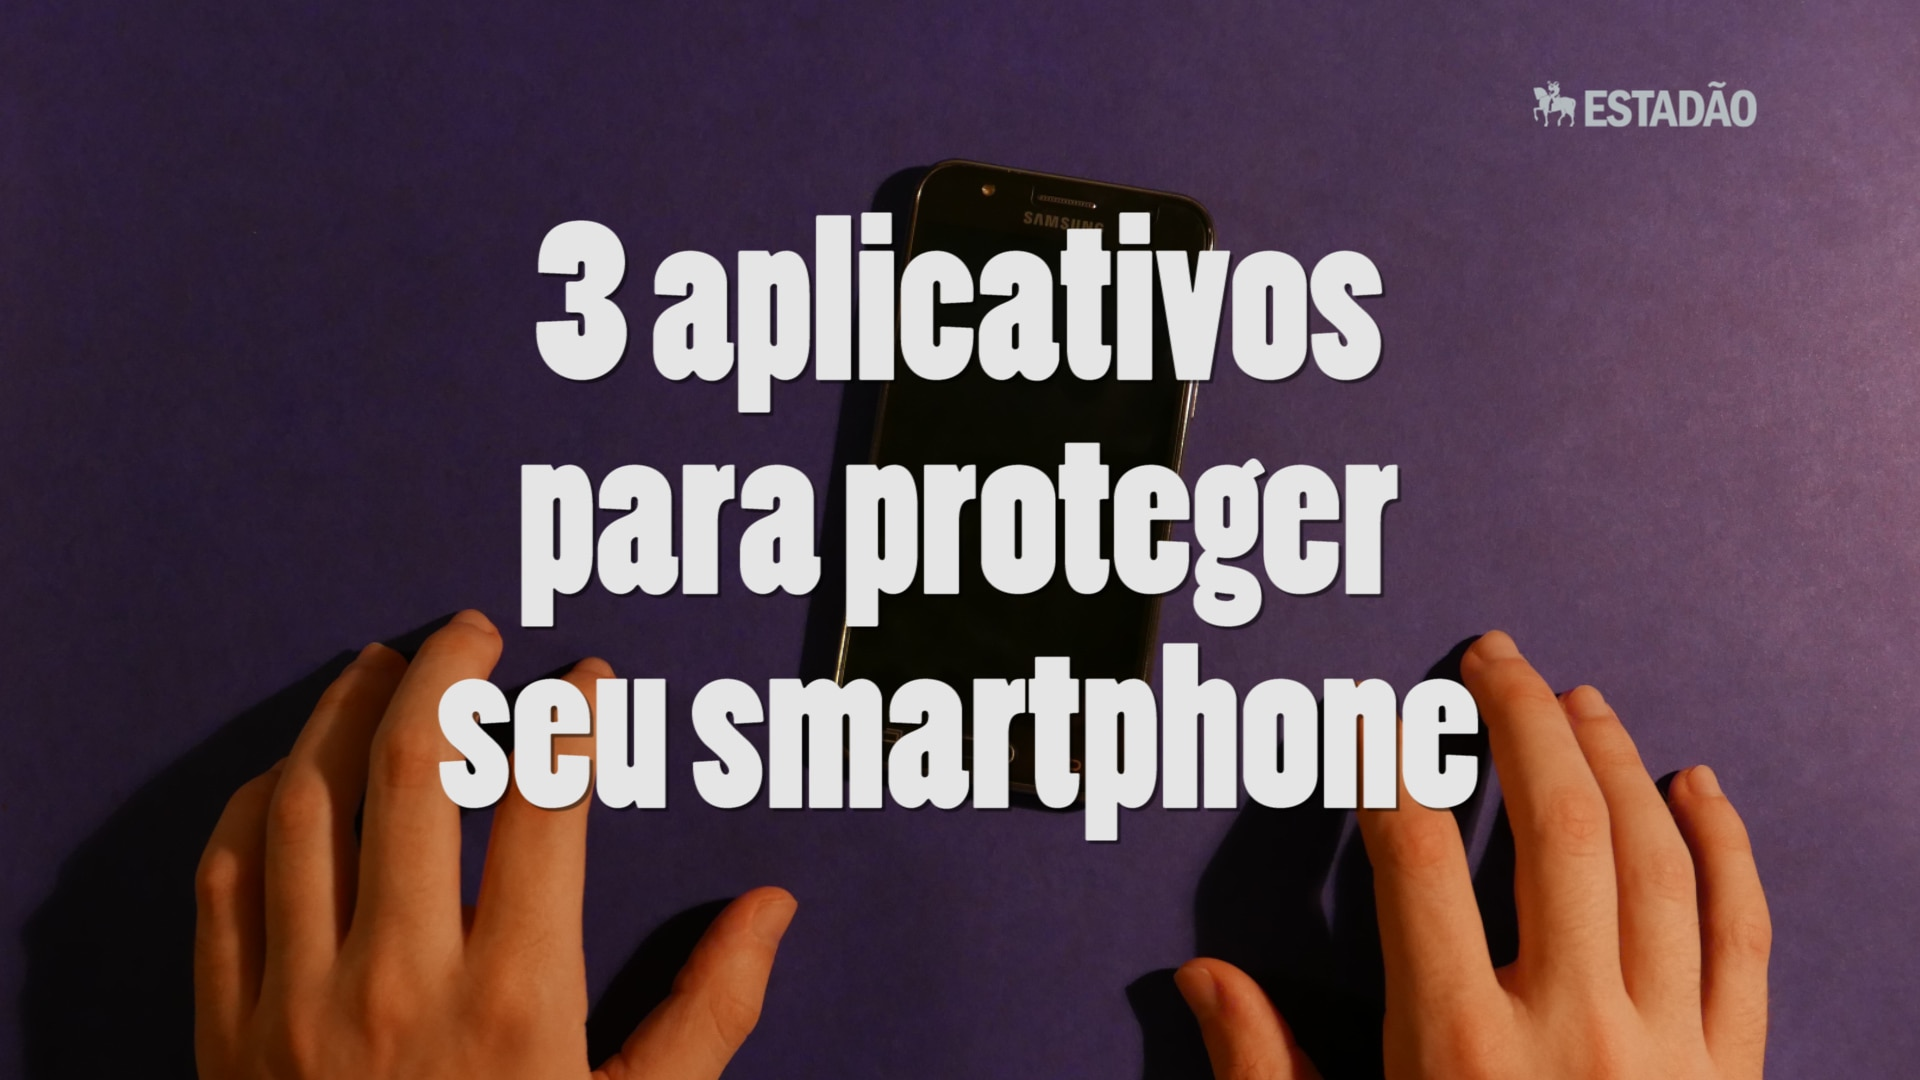 3 apps para proteger o celular